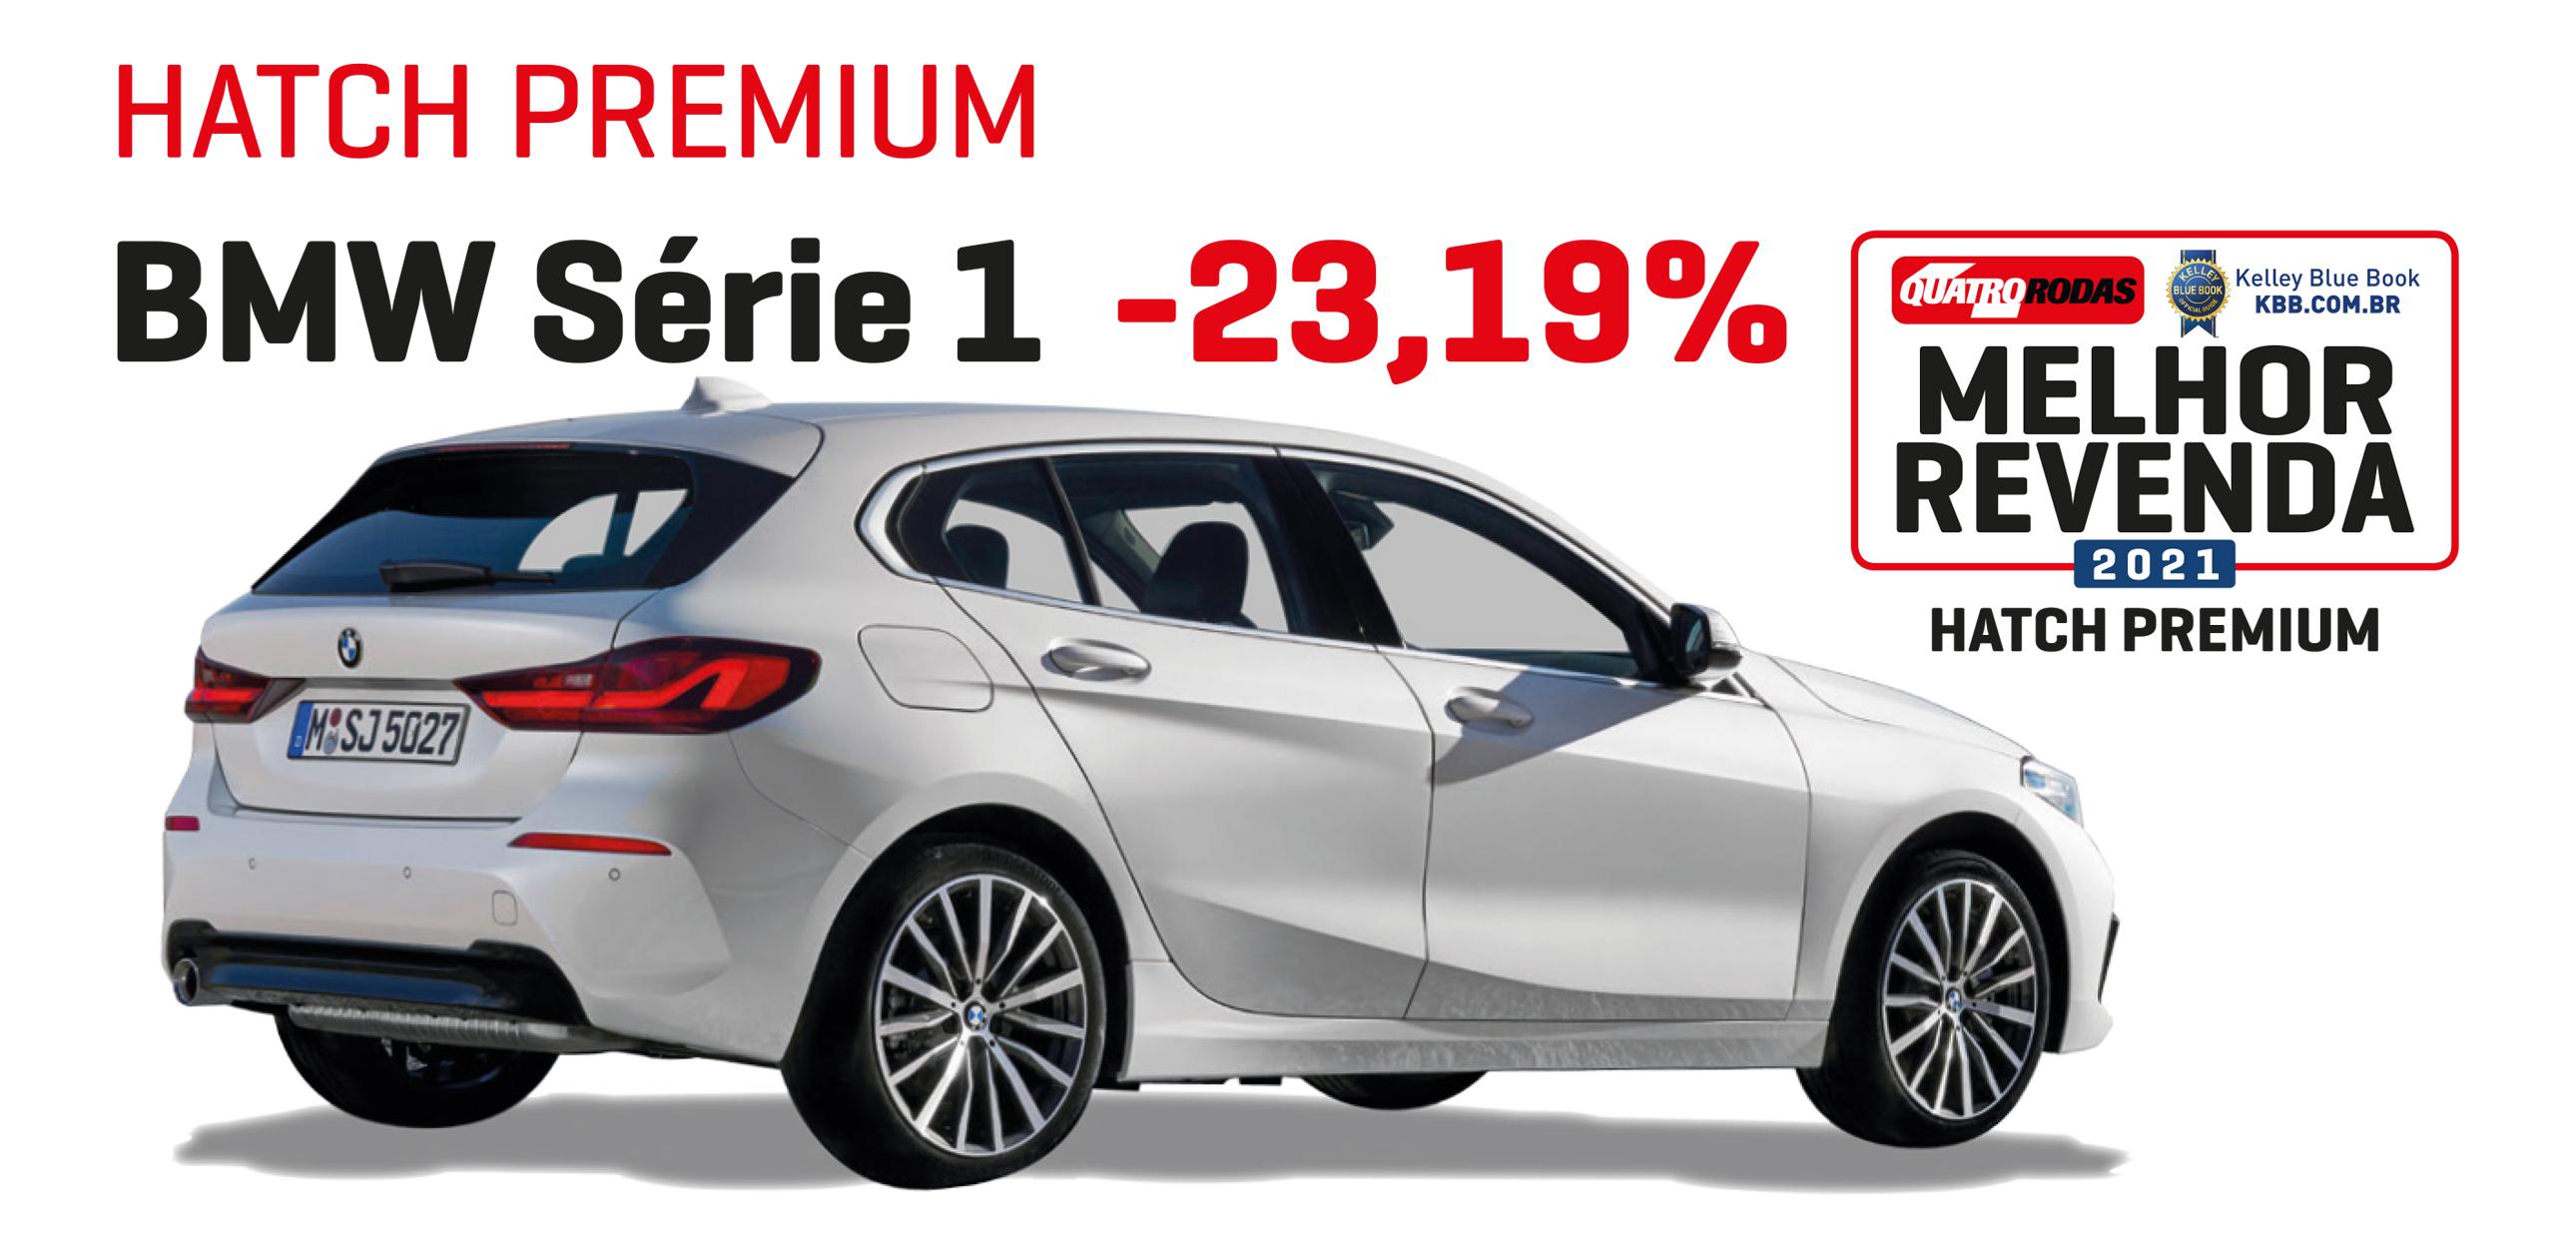 Hatch Premium